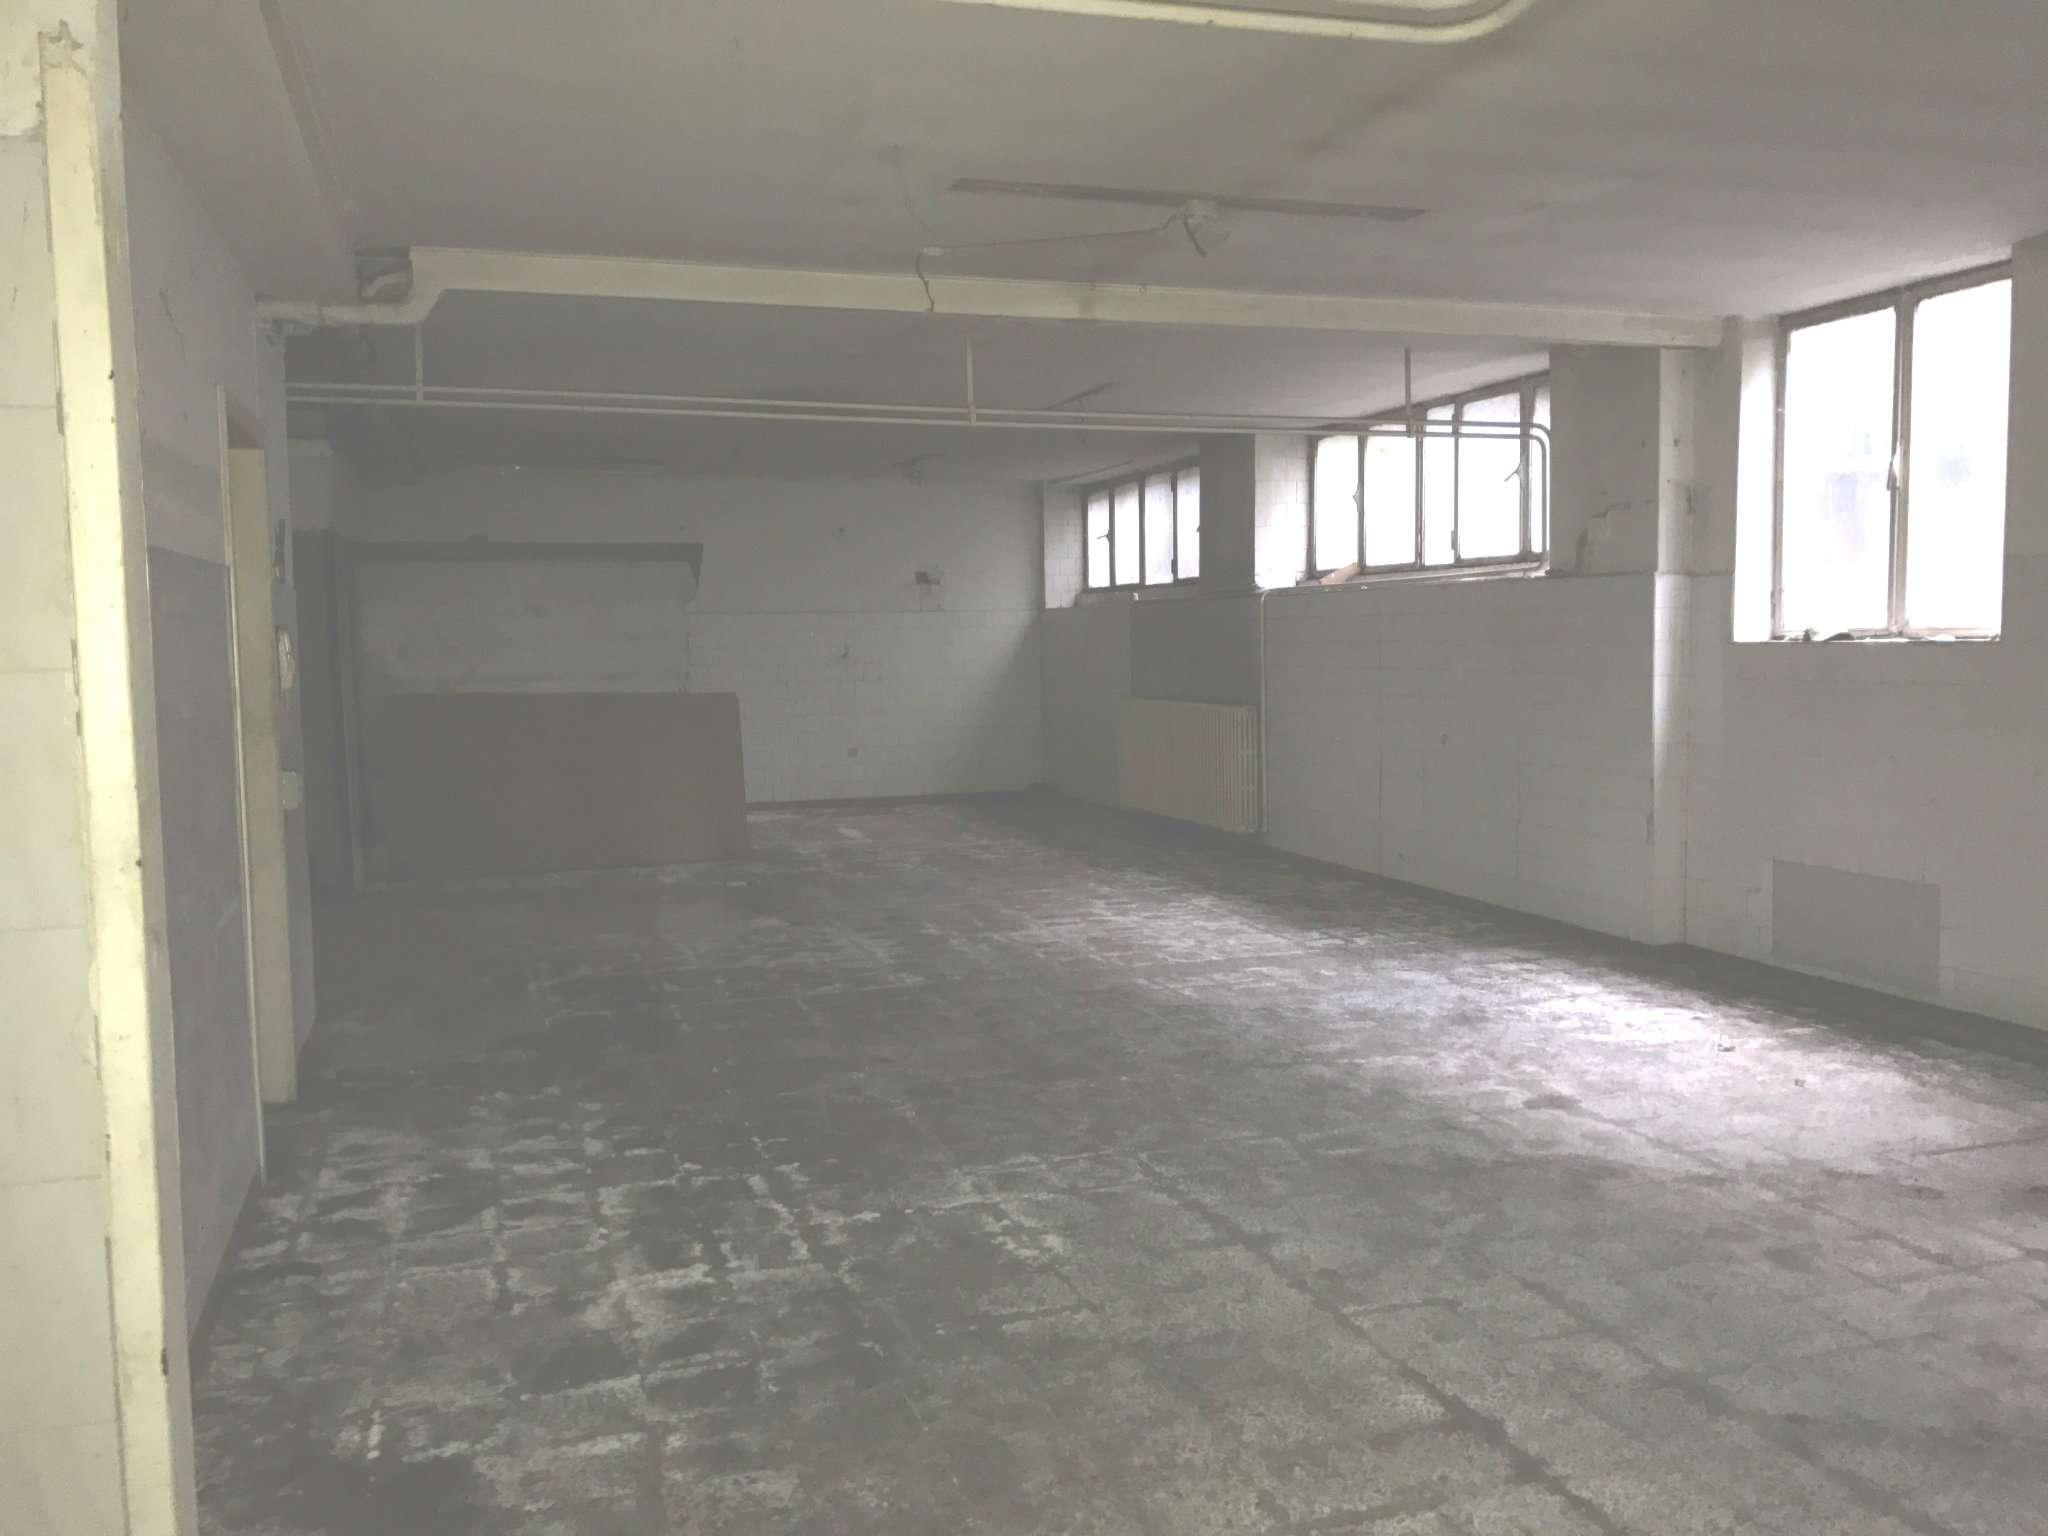 Laboratorio in affitto a Lissone, 3 locali, prezzo € 500 | CambioCasa.it